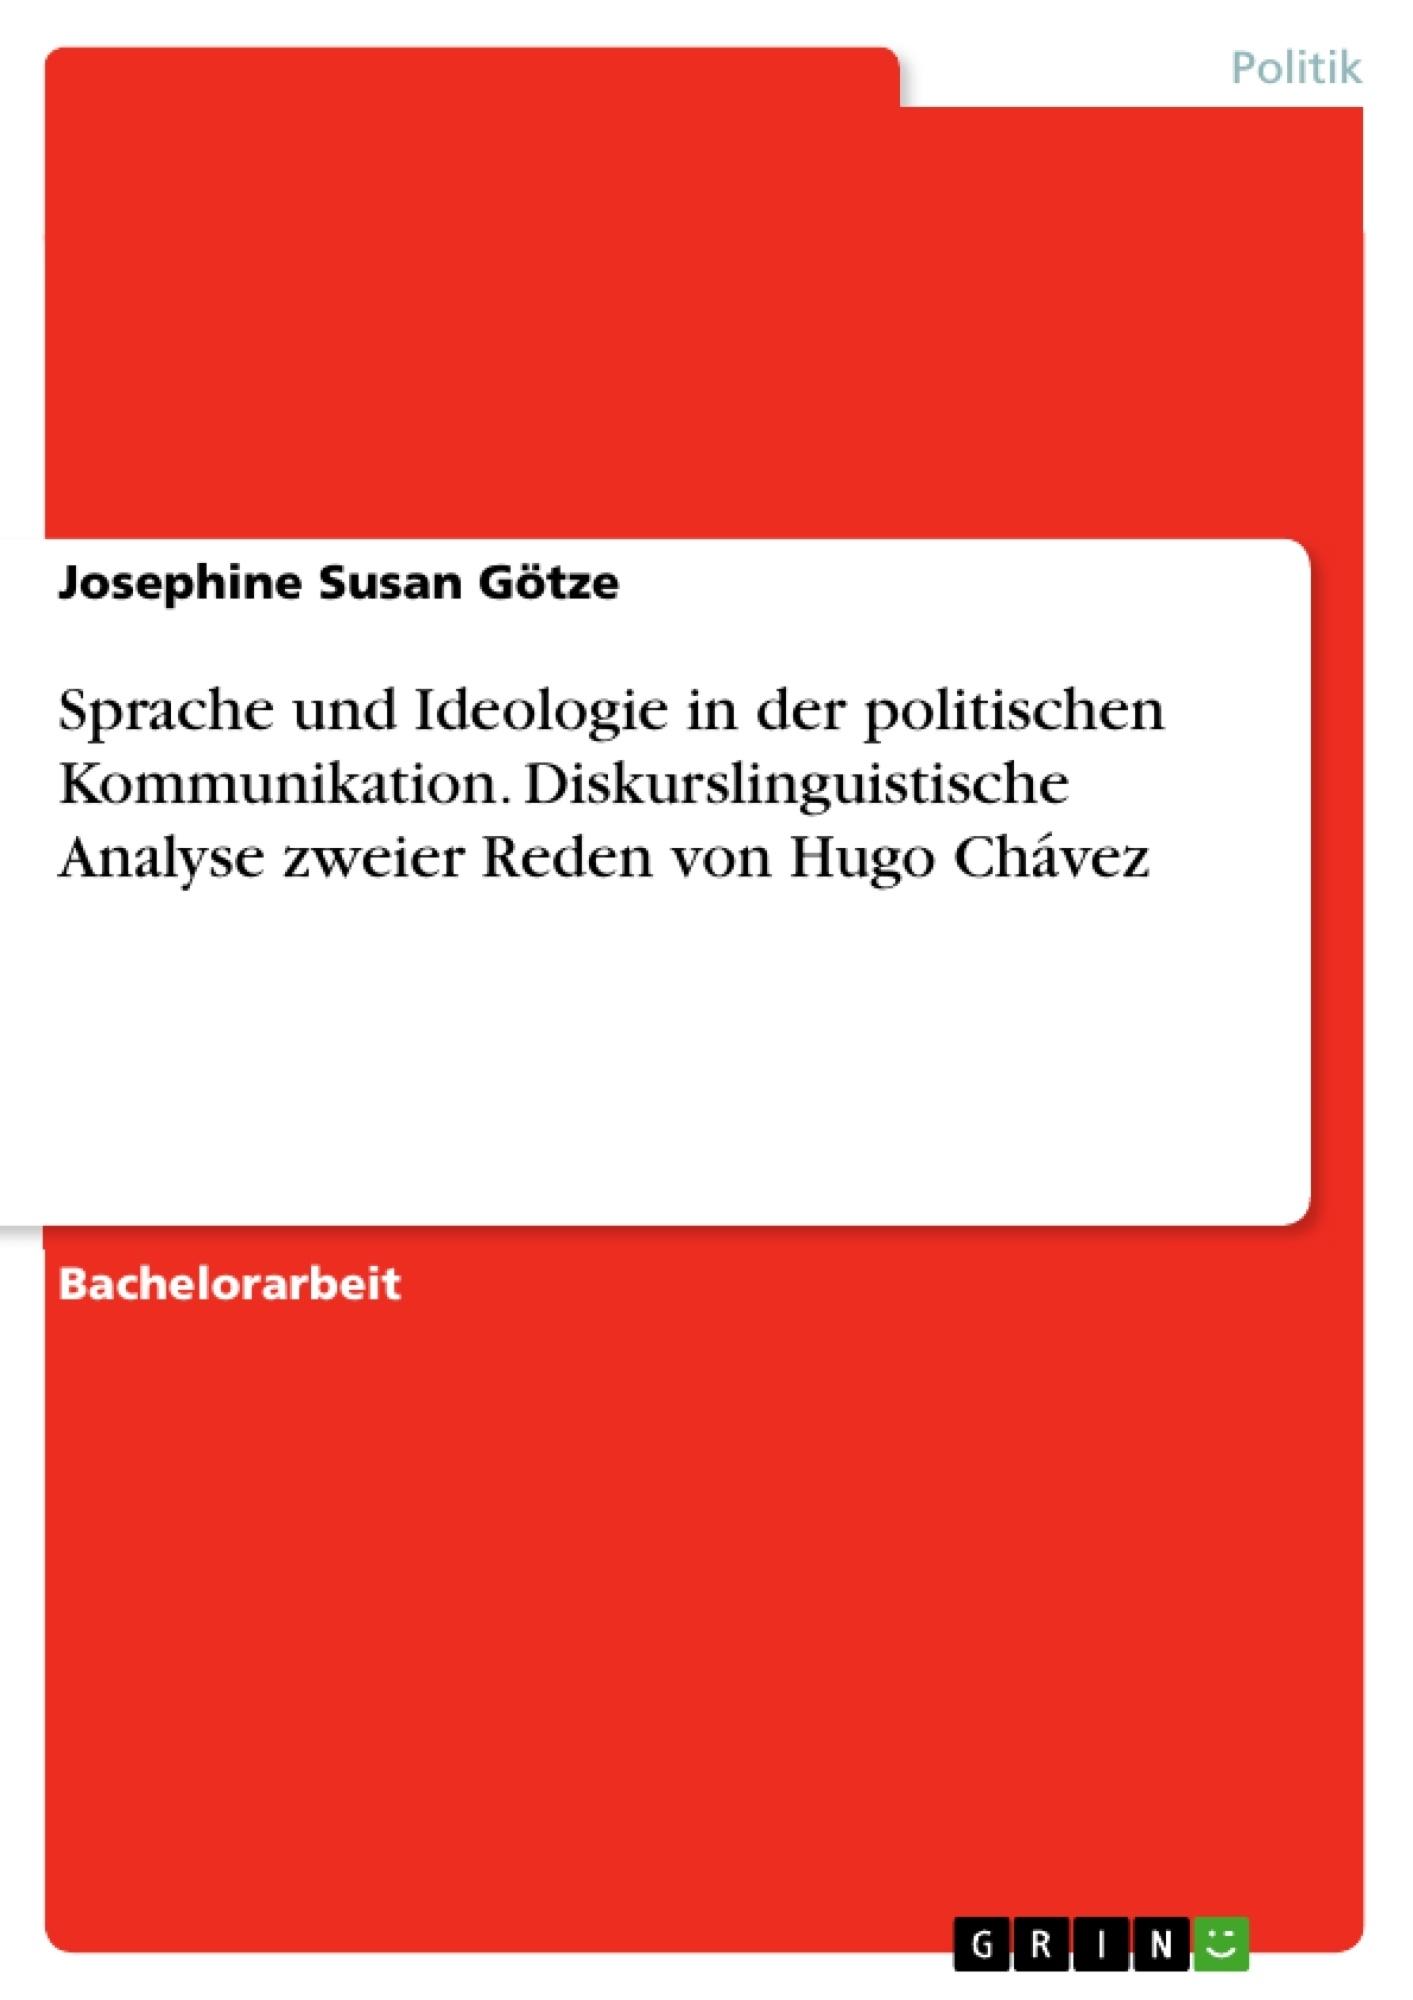 Titel: Sprache und Ideologie in der politischen Kommunikation. Diskurslinguistische Analyse zweier Reden von Hugo Chávez